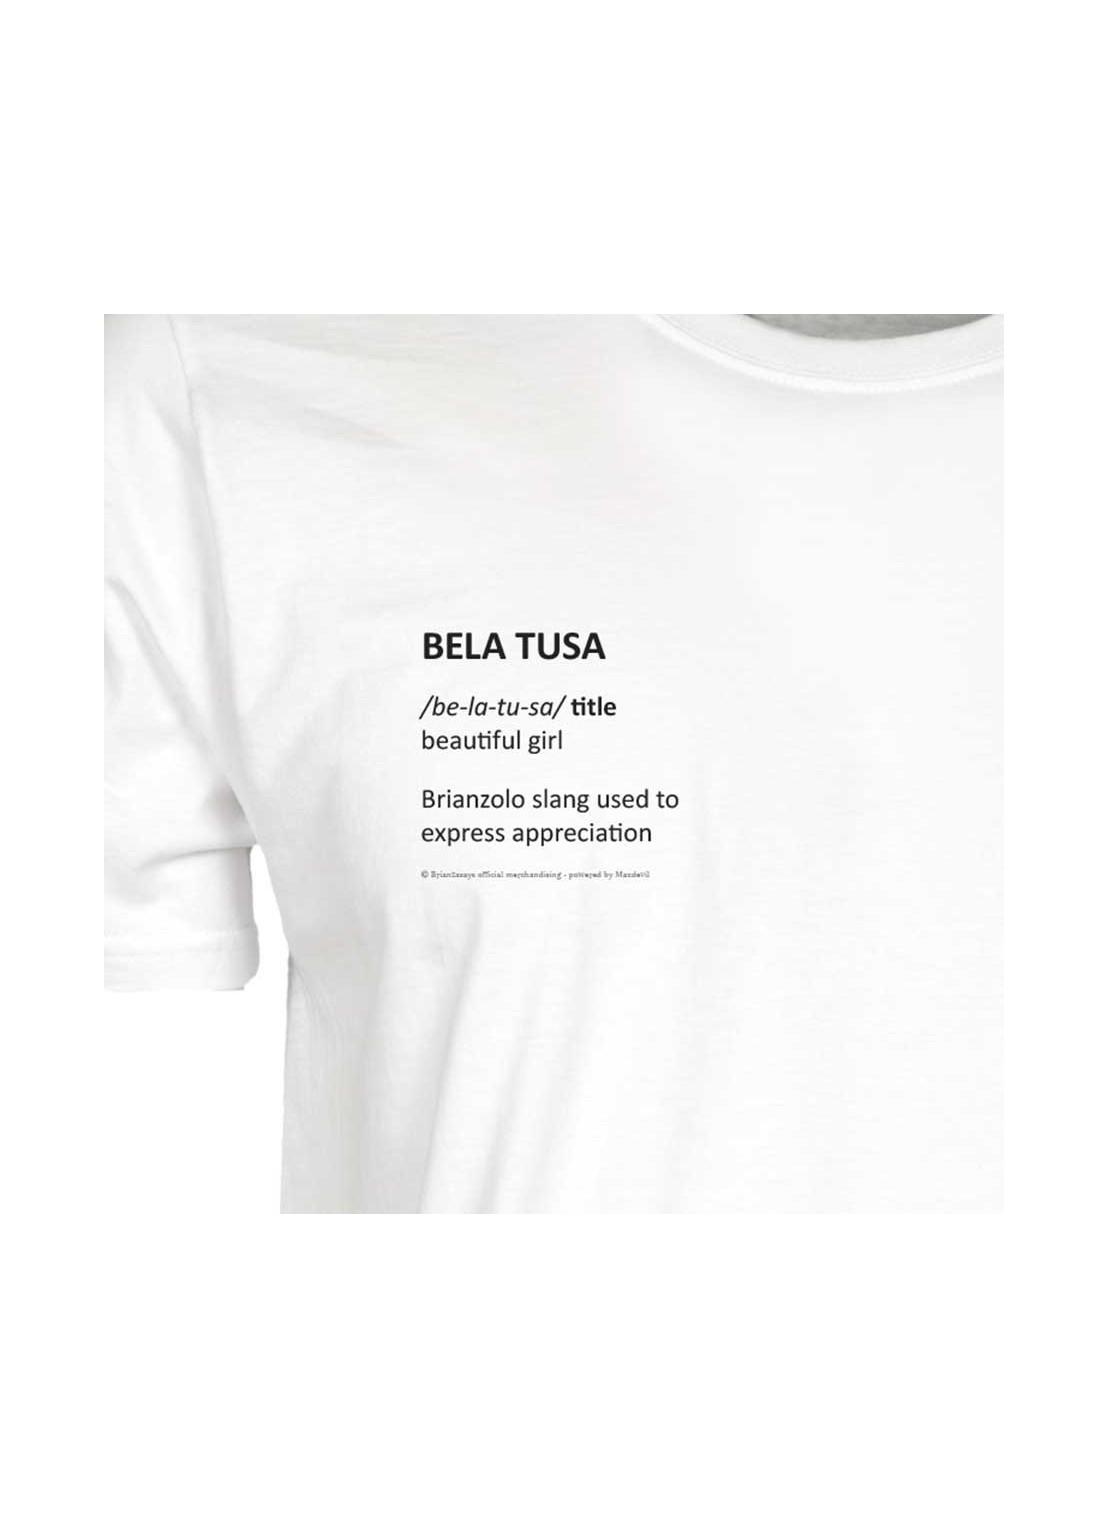 FASCETTA - IL MURO DEL SUONO